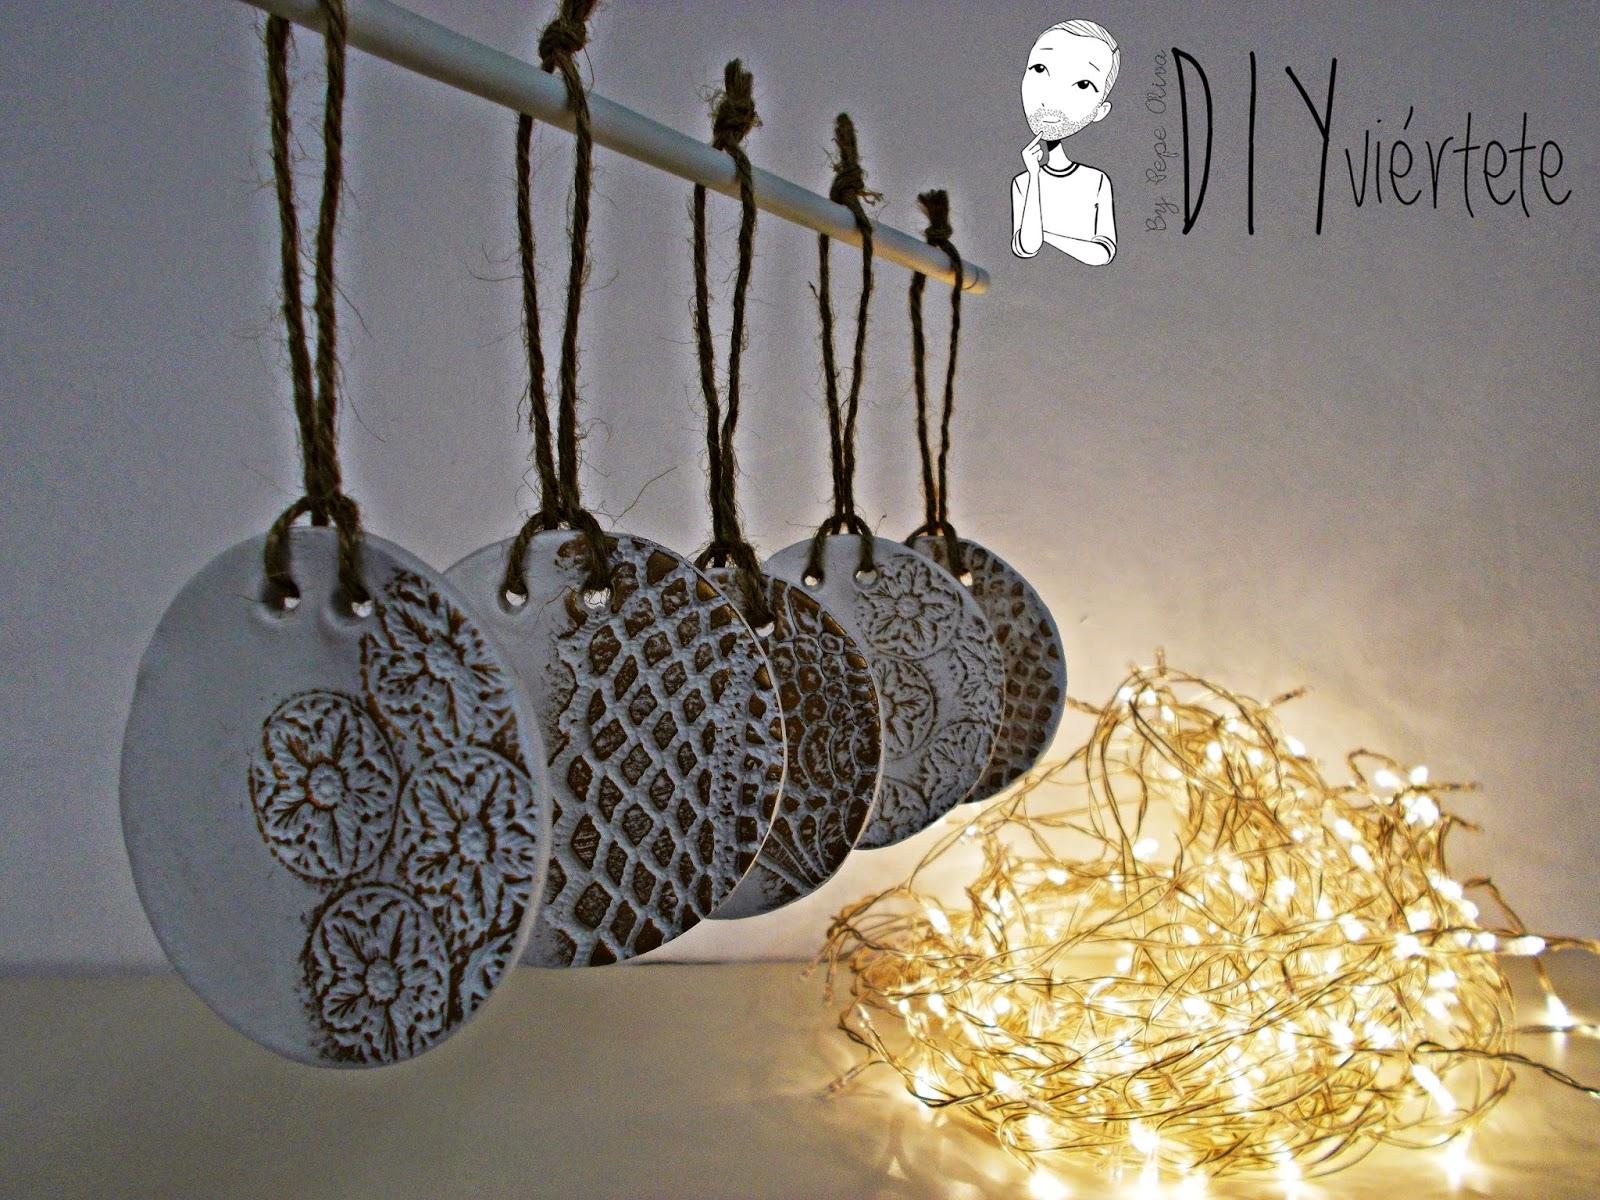 DIY-adorno navideño-ideas decoración-pasta de modelar-porcelana fria-fimo-arcilla polimérica-encaje-dorado-Navidad 3